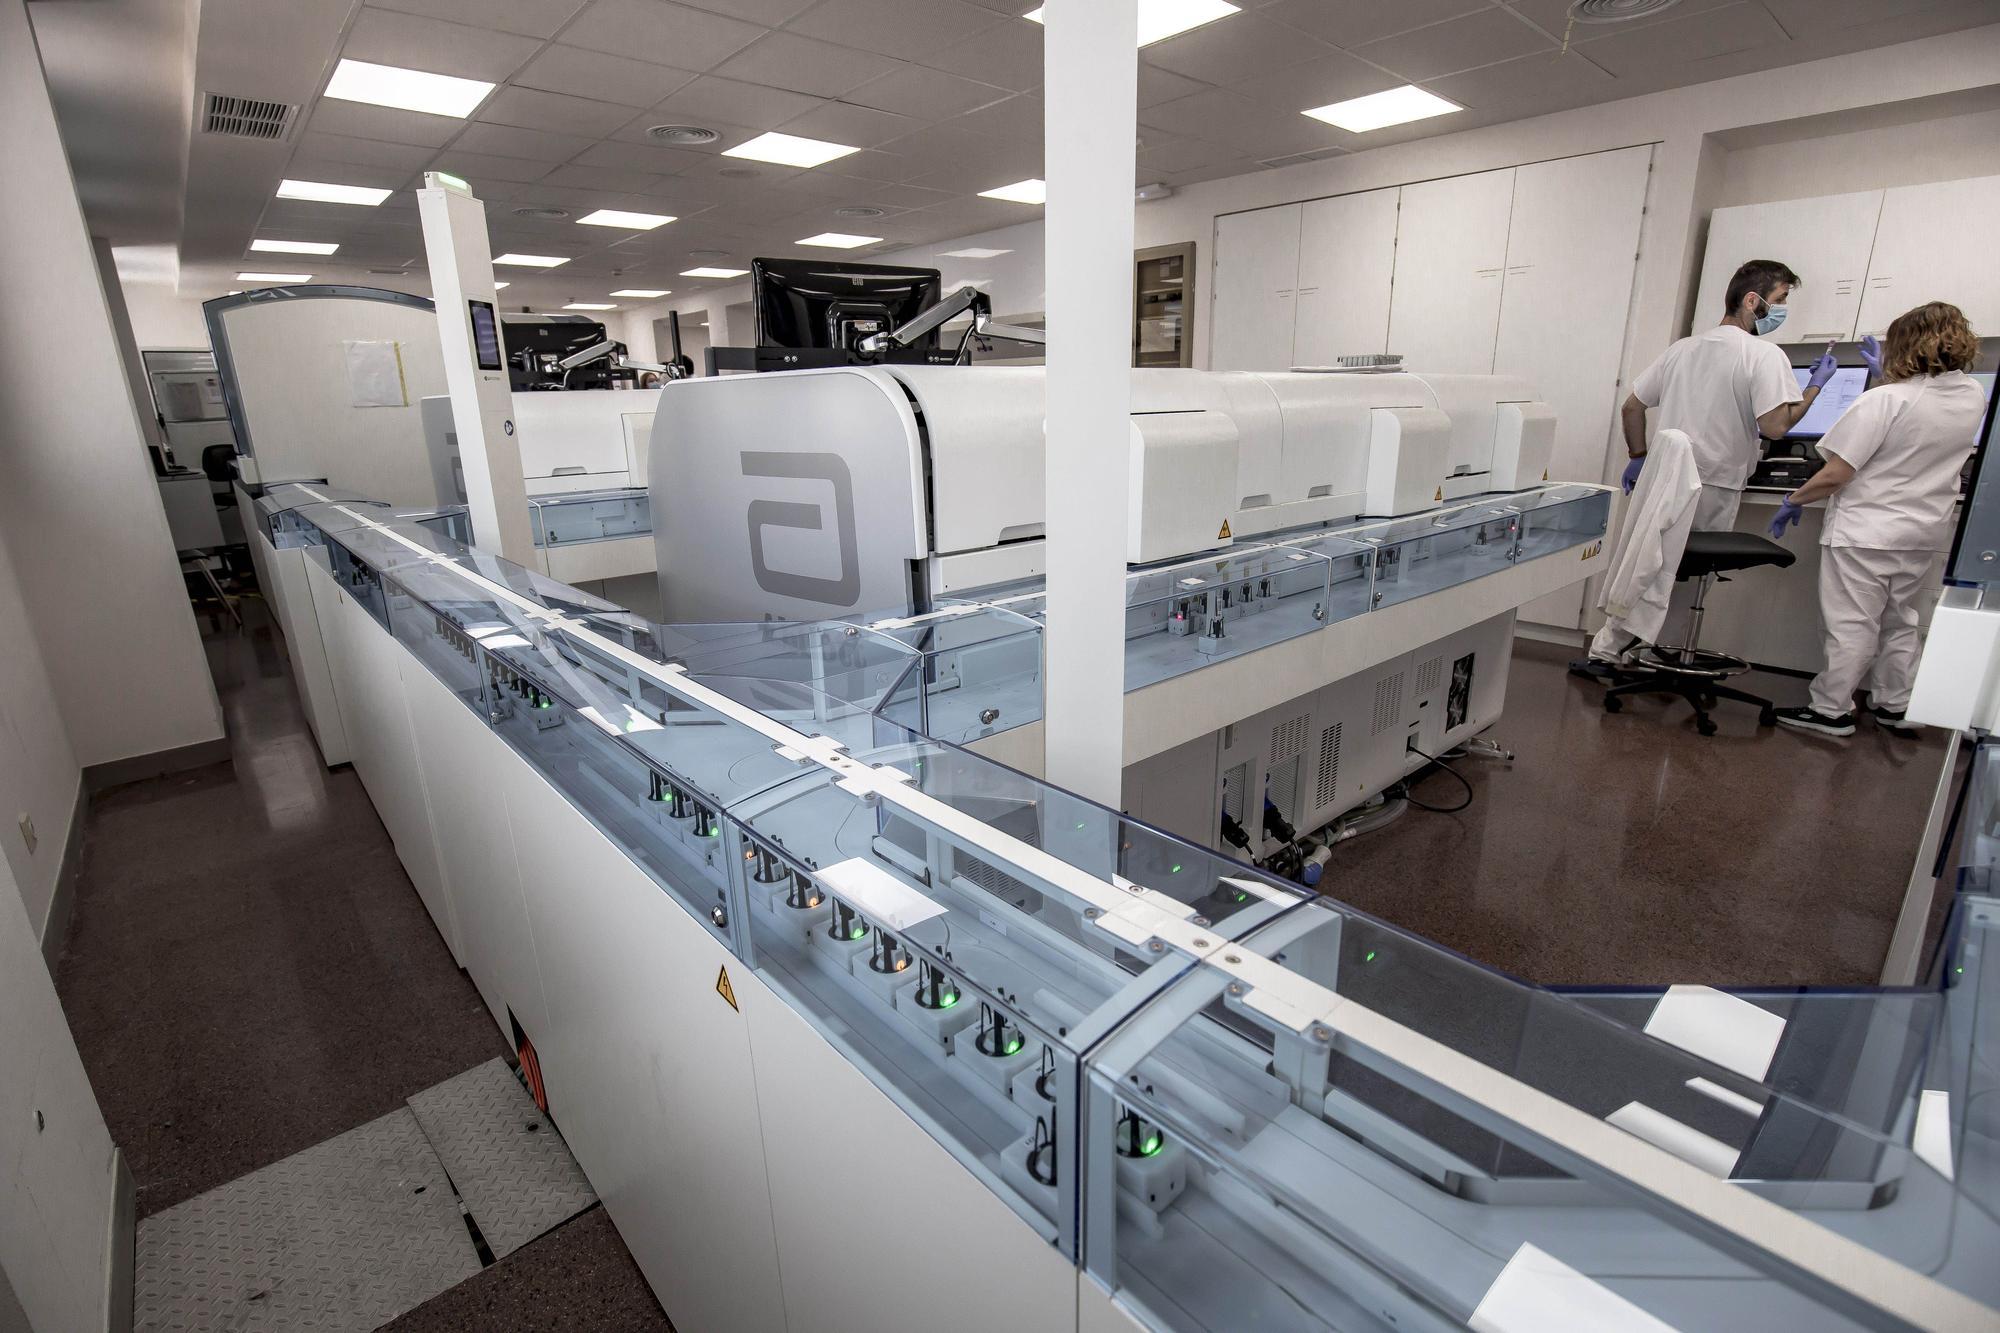 Armengol visita el nuevo laboratorio de microbiología del hospital de Son Llàtzer